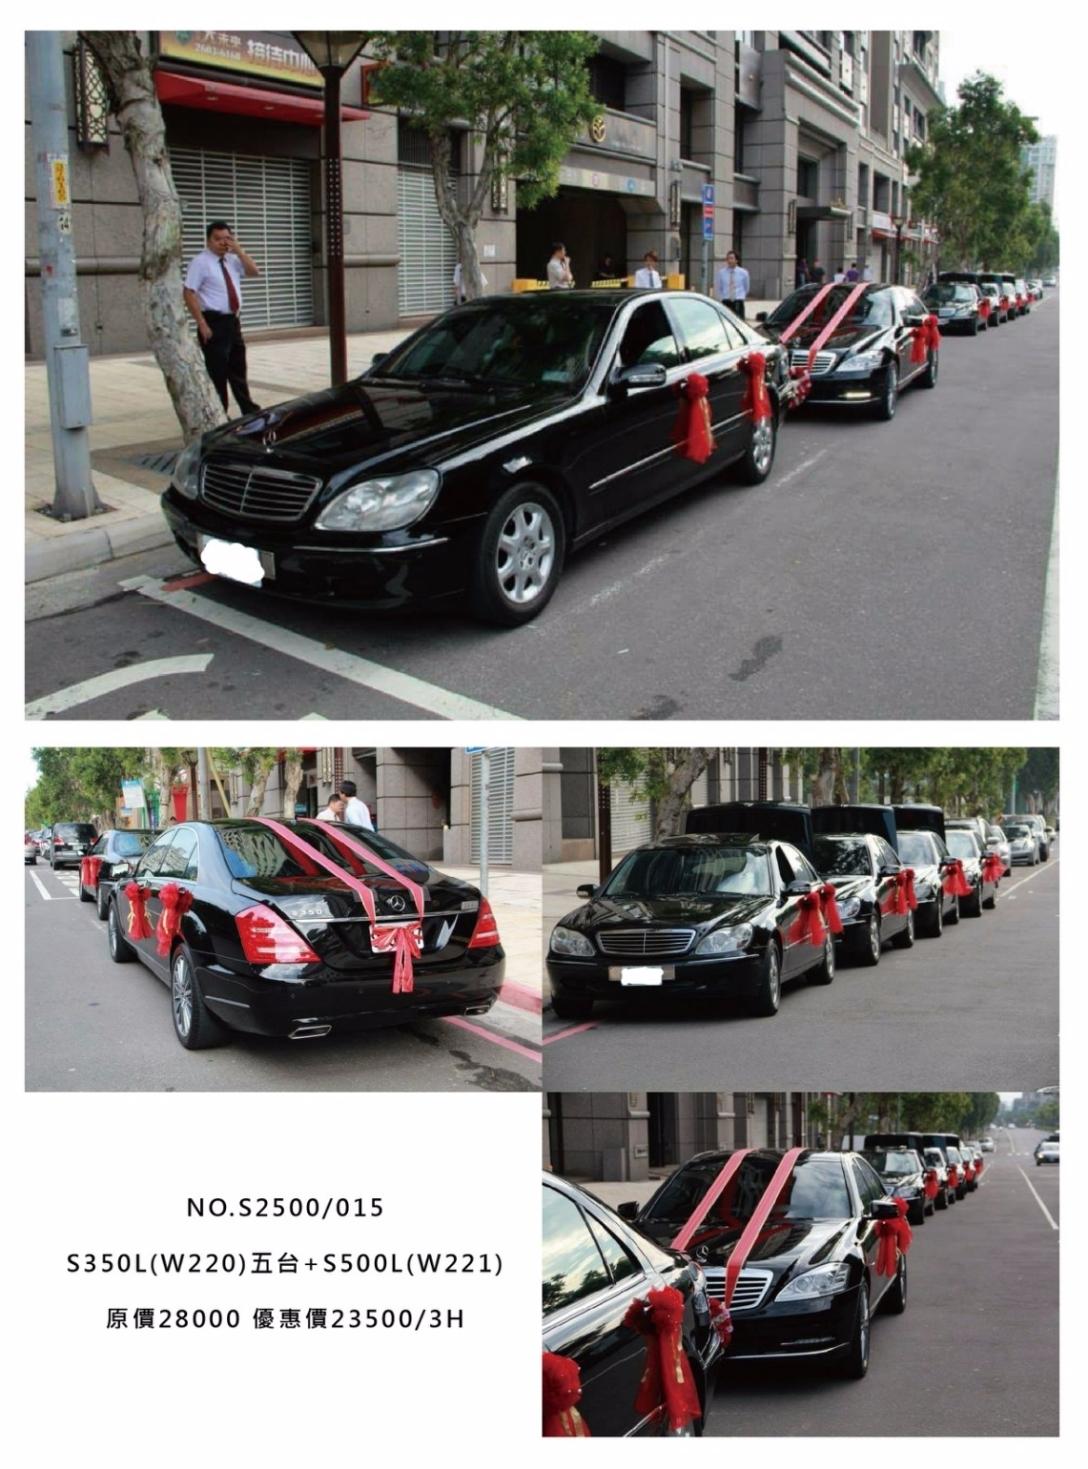 結婚禮車推薦---順賓禮車